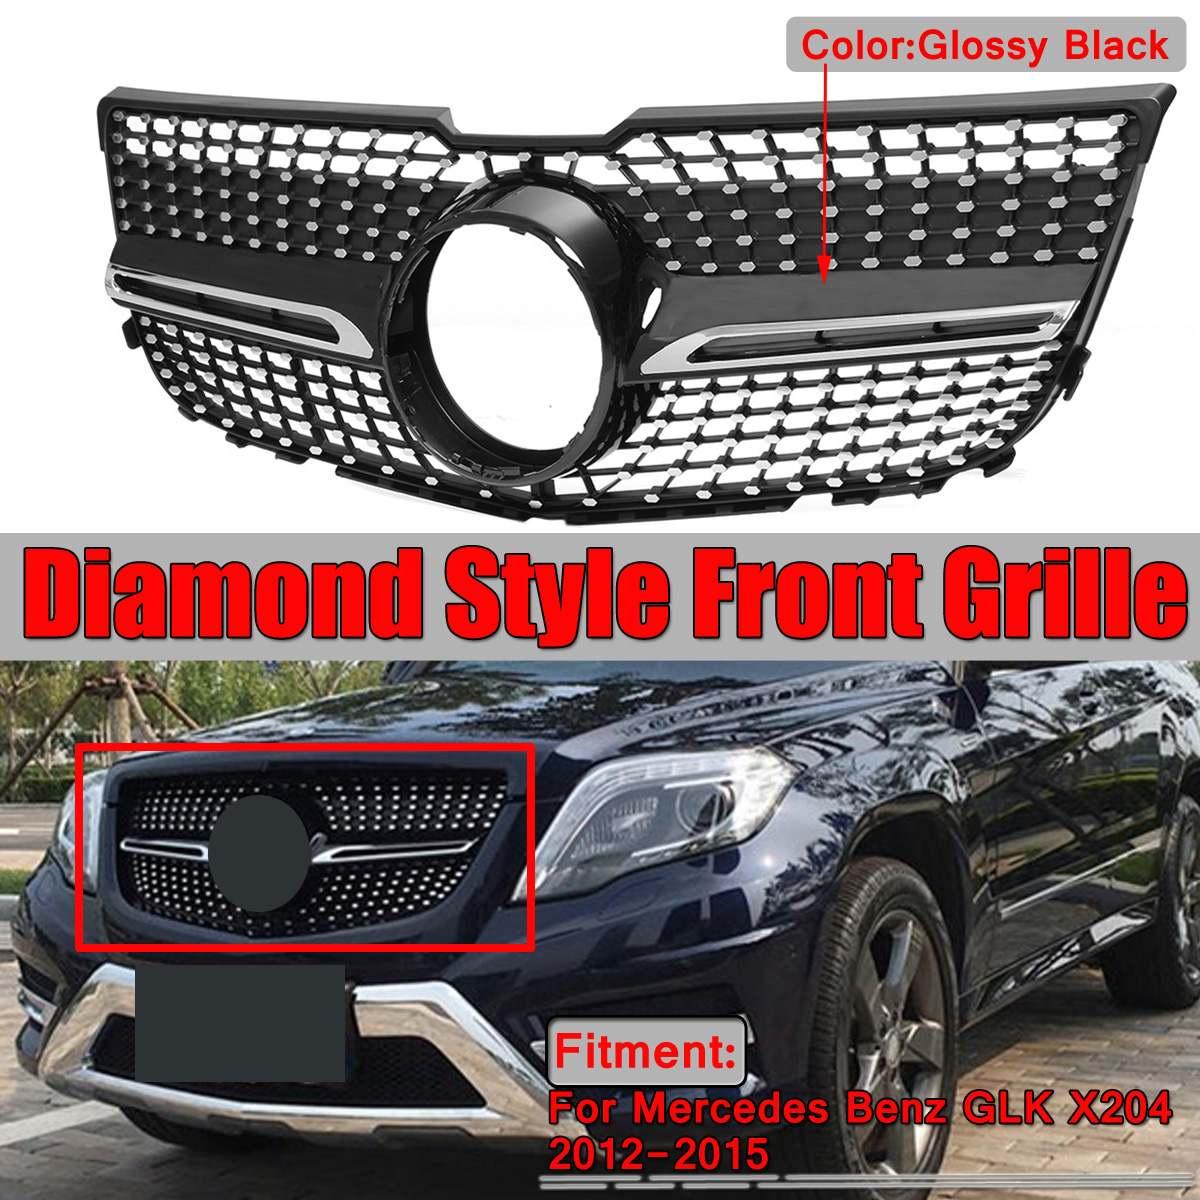 Preto/Chrome X204 Diamante Grade Dianteira Do Carro Amortecedor Dianteiro Grill Grille Para Mercedes Benz GLK X204 GLK250 GLK300 GLK350 2012-2015